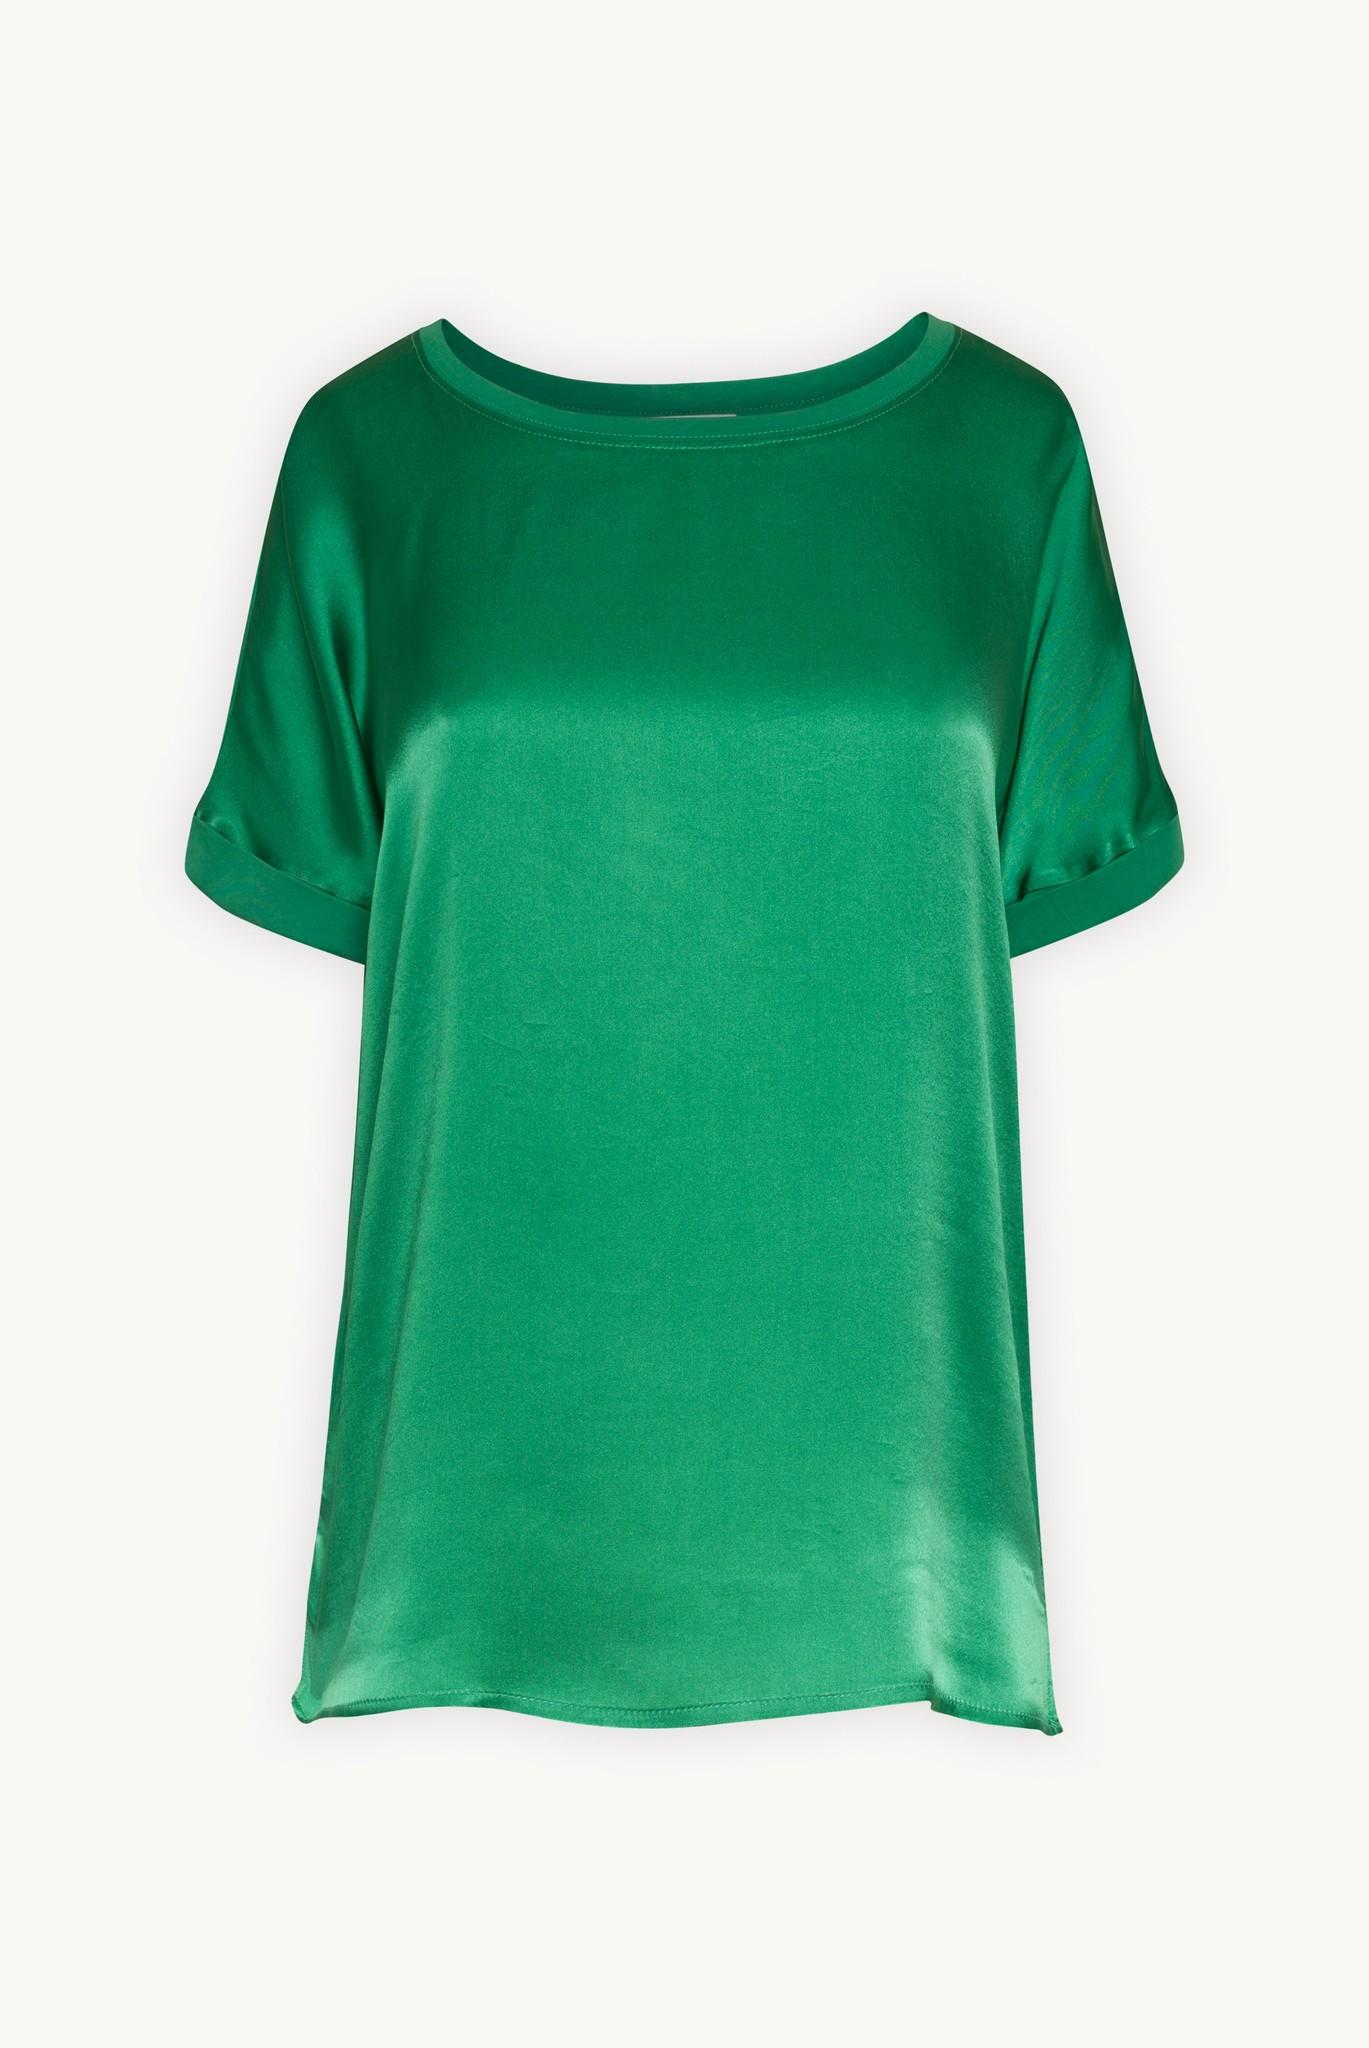 JULIANE - футболка из хлопка и шелка